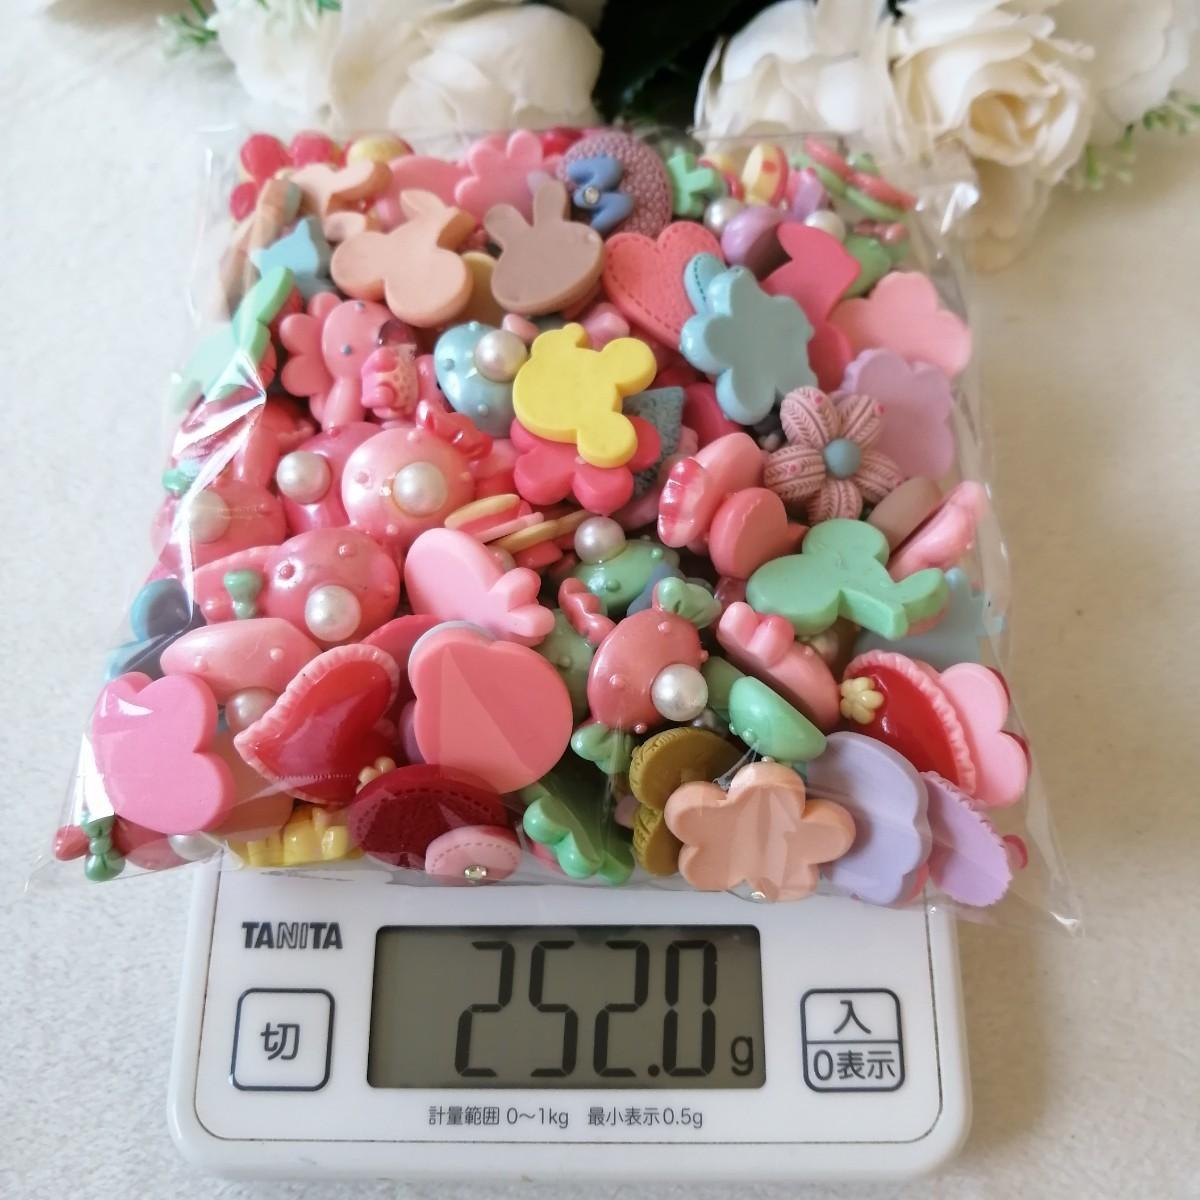 デコパーツ プラパーツ ハンドメイド 手作り 花台 材料 大量 真珠色 お花 1